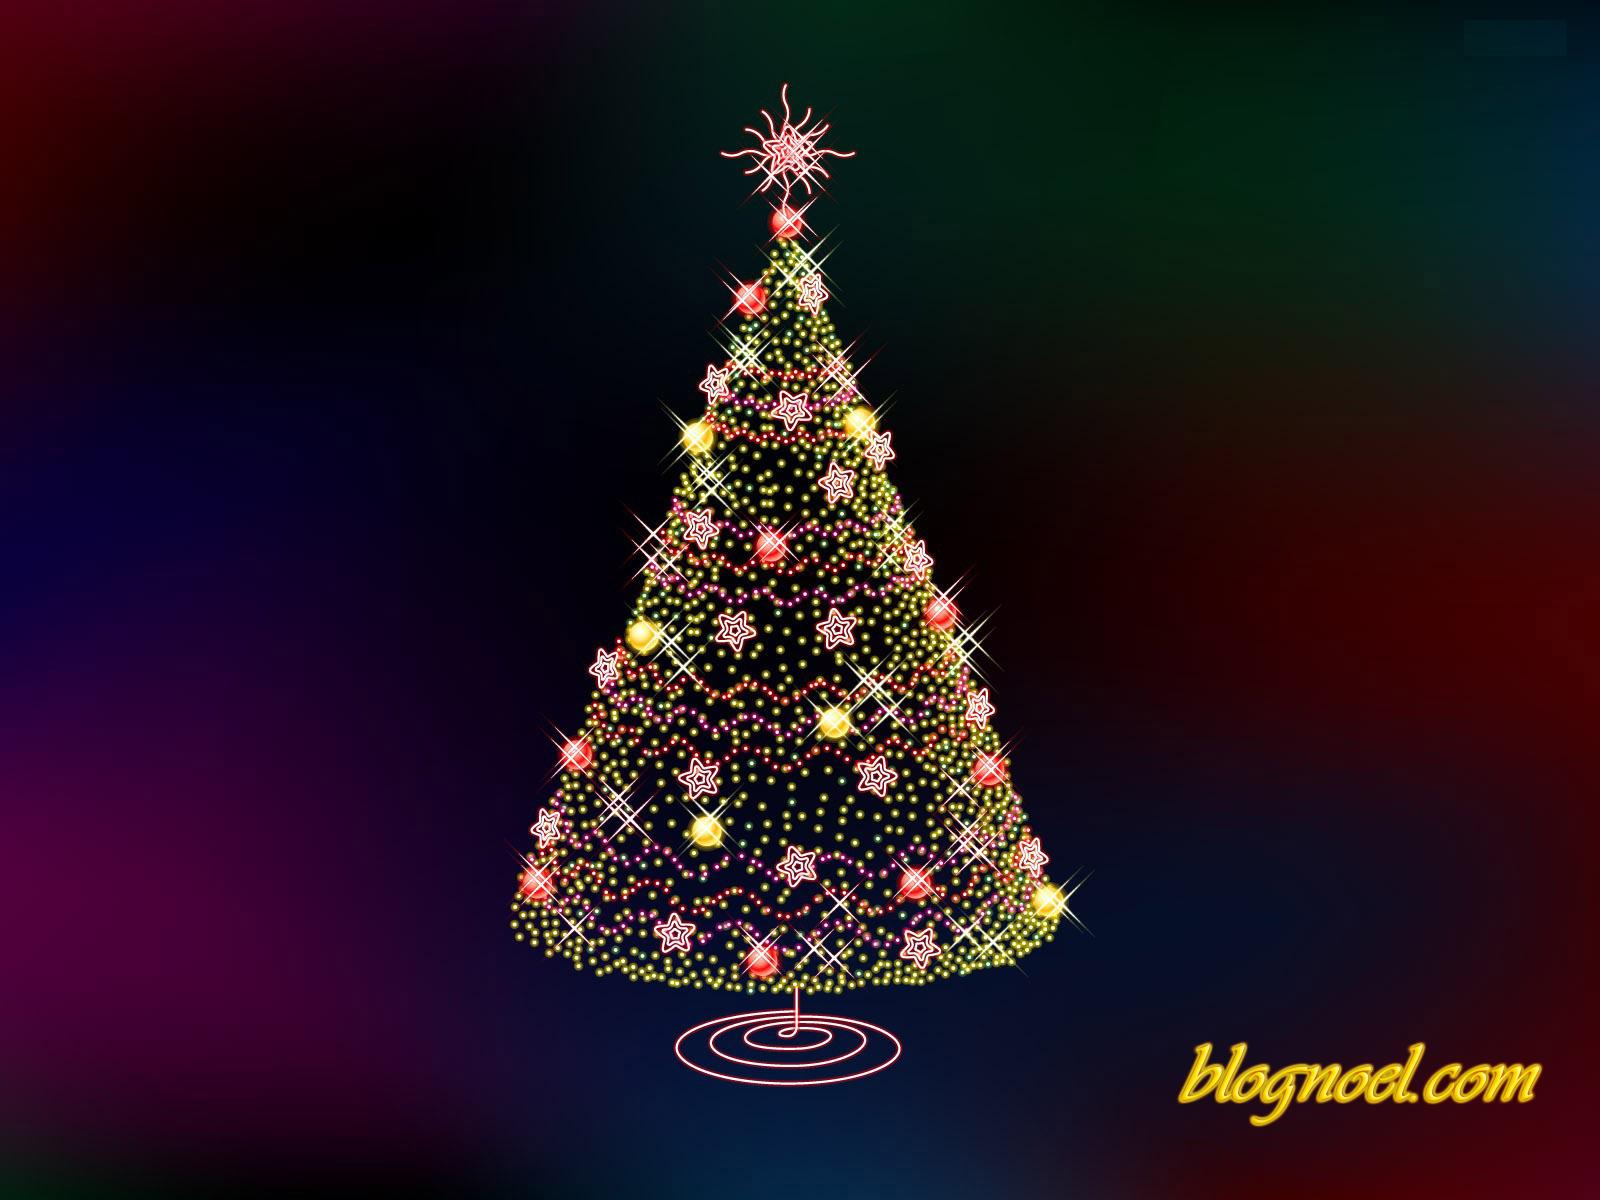 Fond Ecran Noel Sapin Fete De Noel Images Musique Et Video